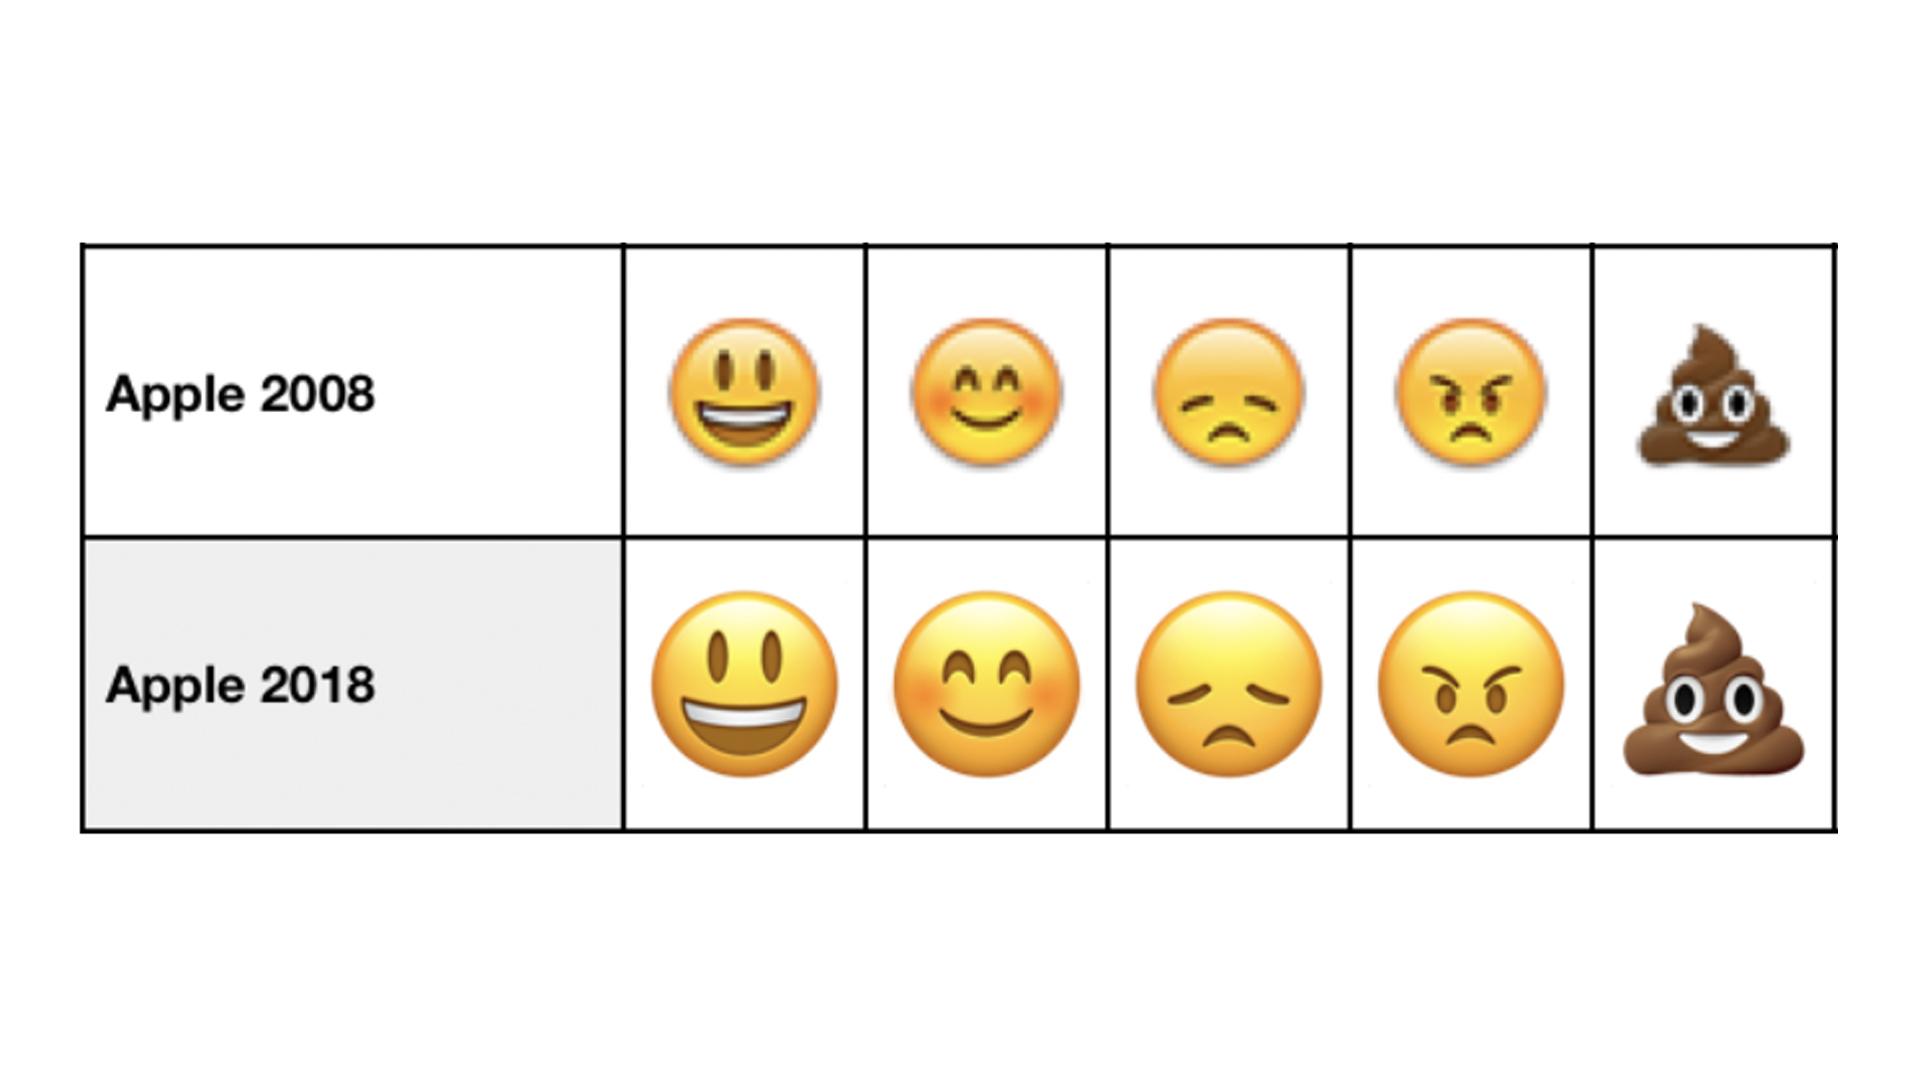 Apple emoji 2008 to 2018